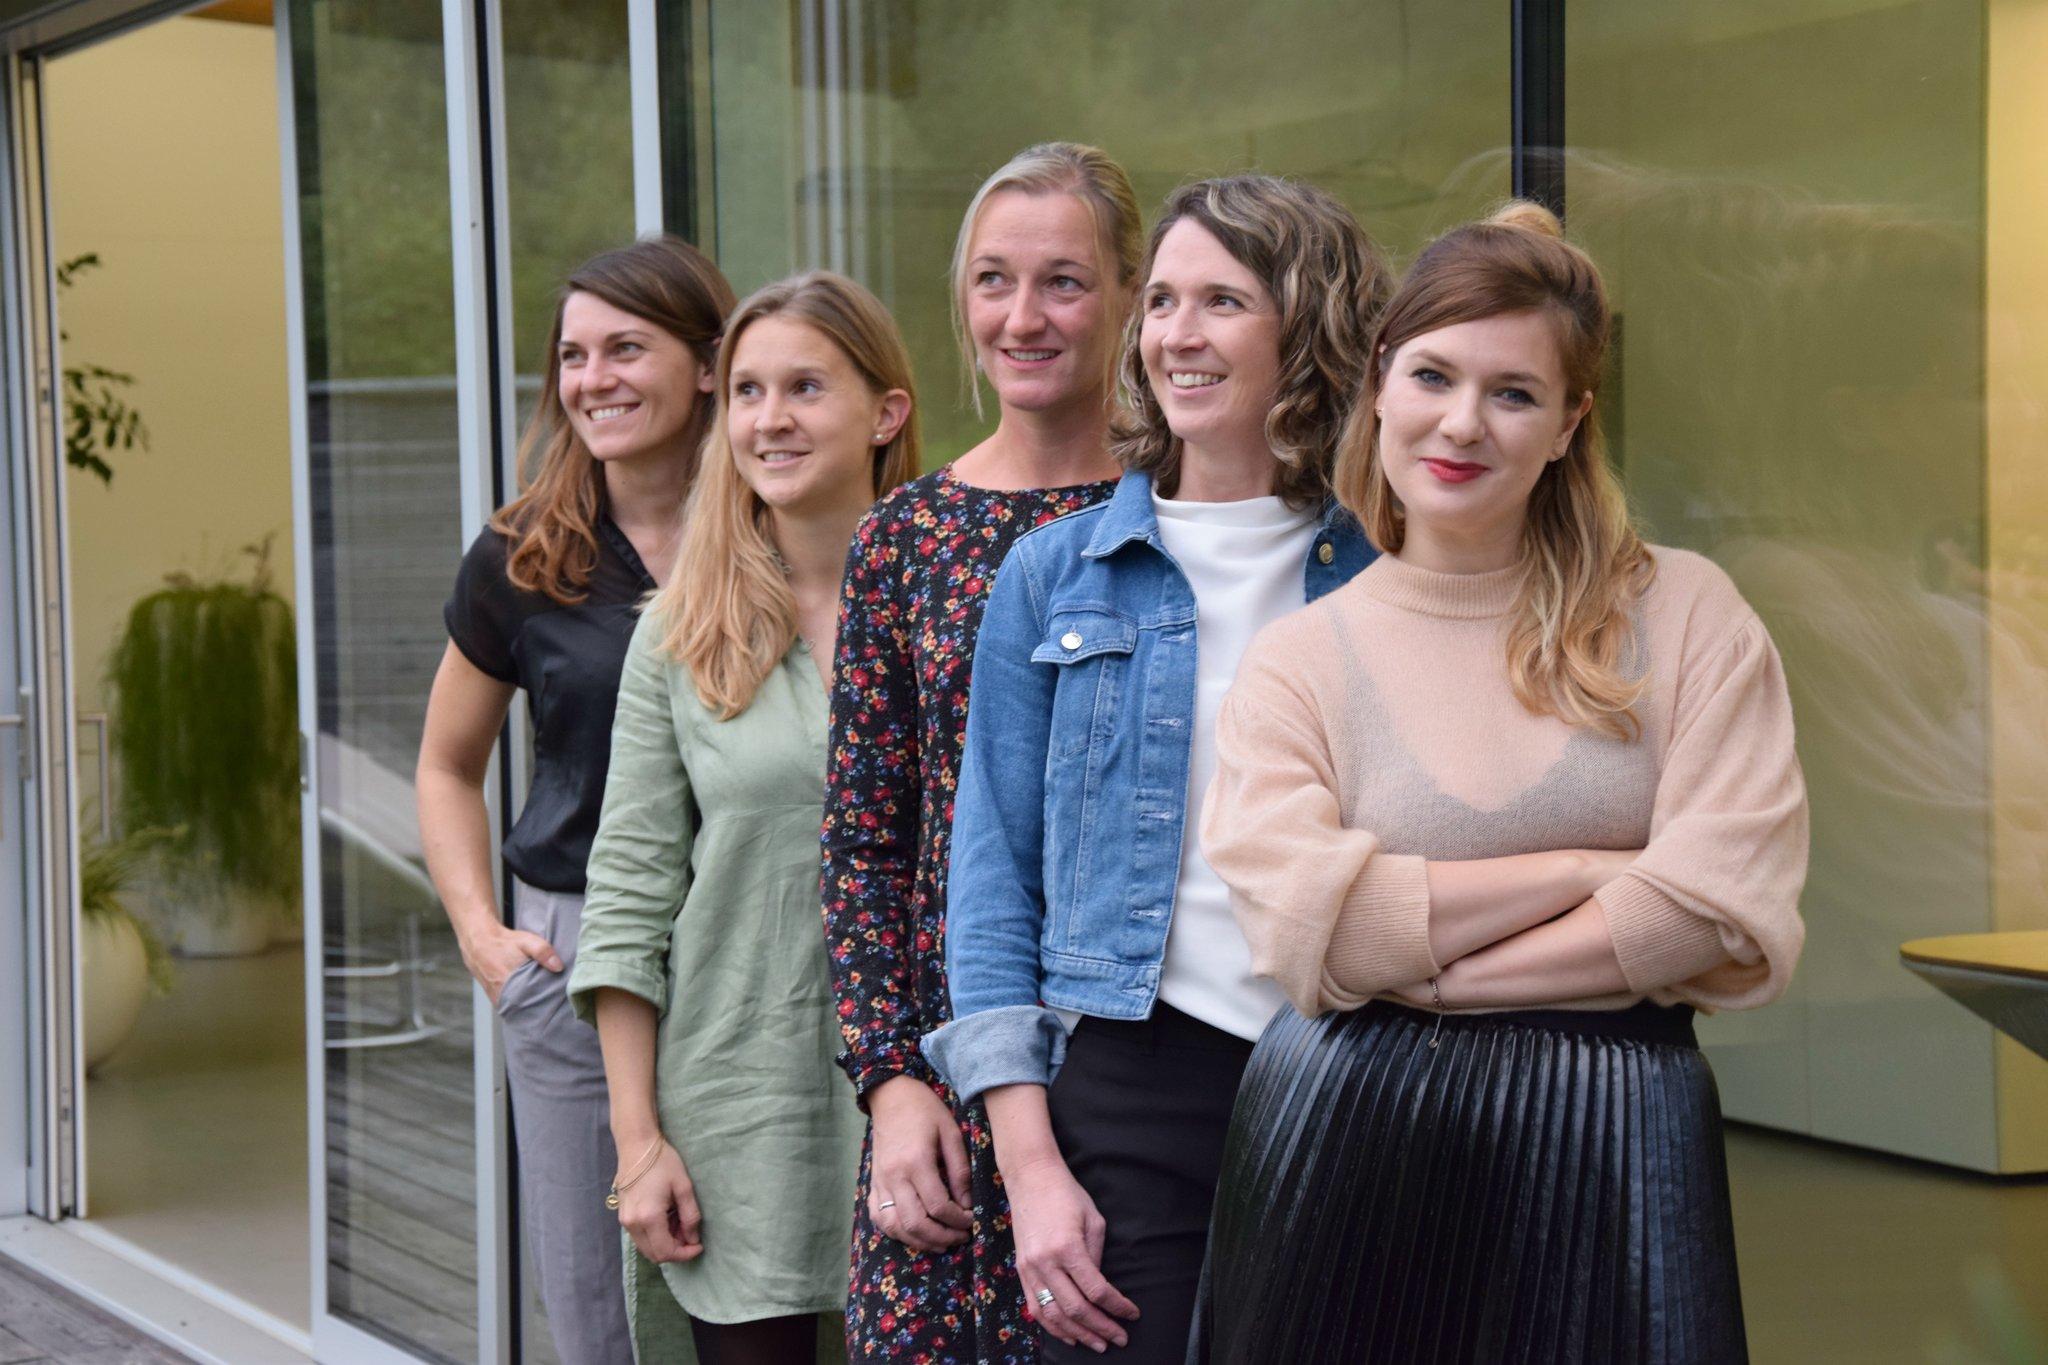 Frauenfrhstckstreffen Rohrbach - autogenitrening.com